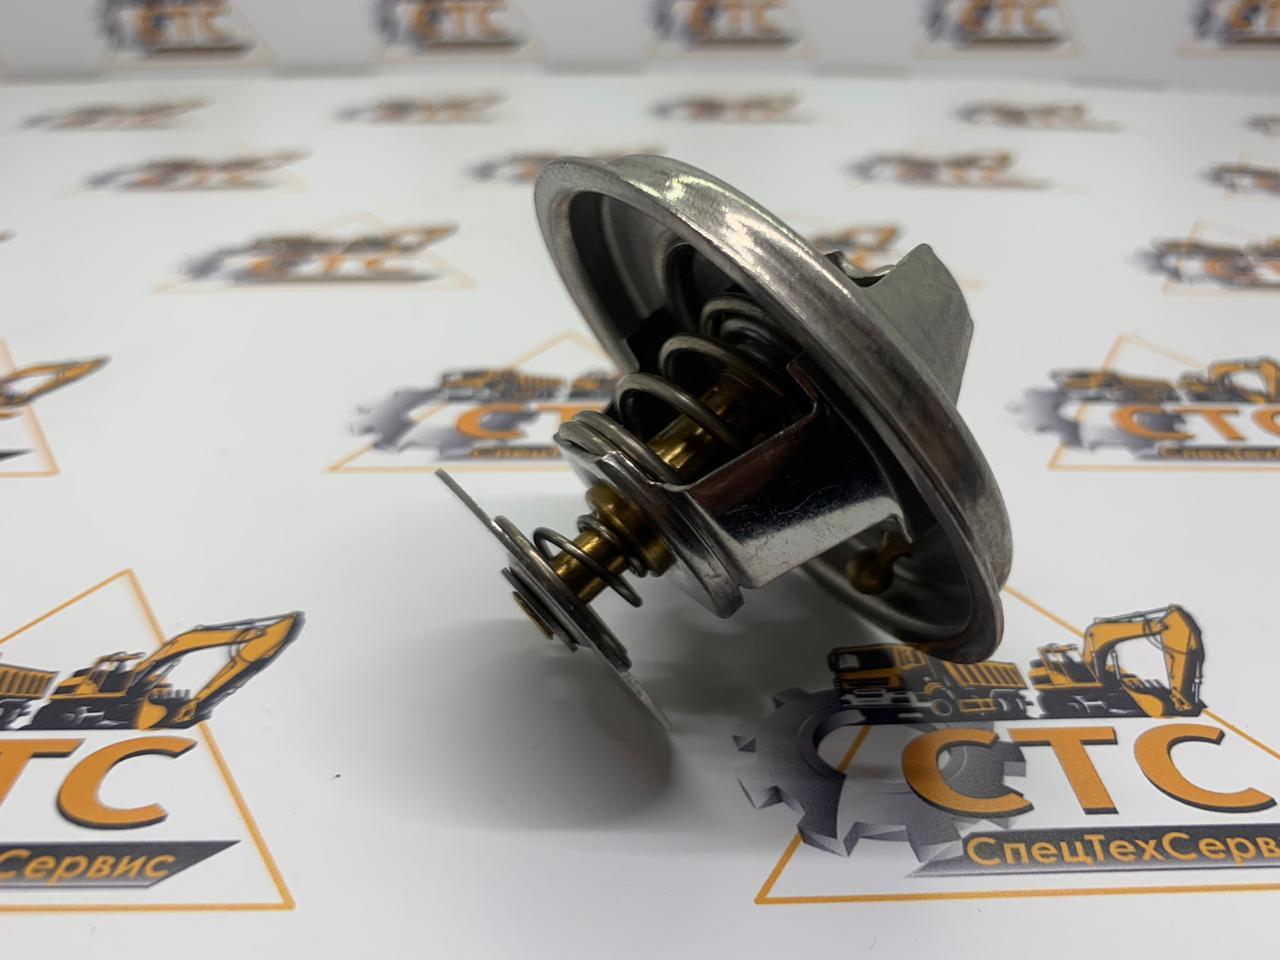 Термостат для двигателя AR, AK на JCB 3CX/4CX (02/201544, 02/202107, 2485C025, U2485C023)